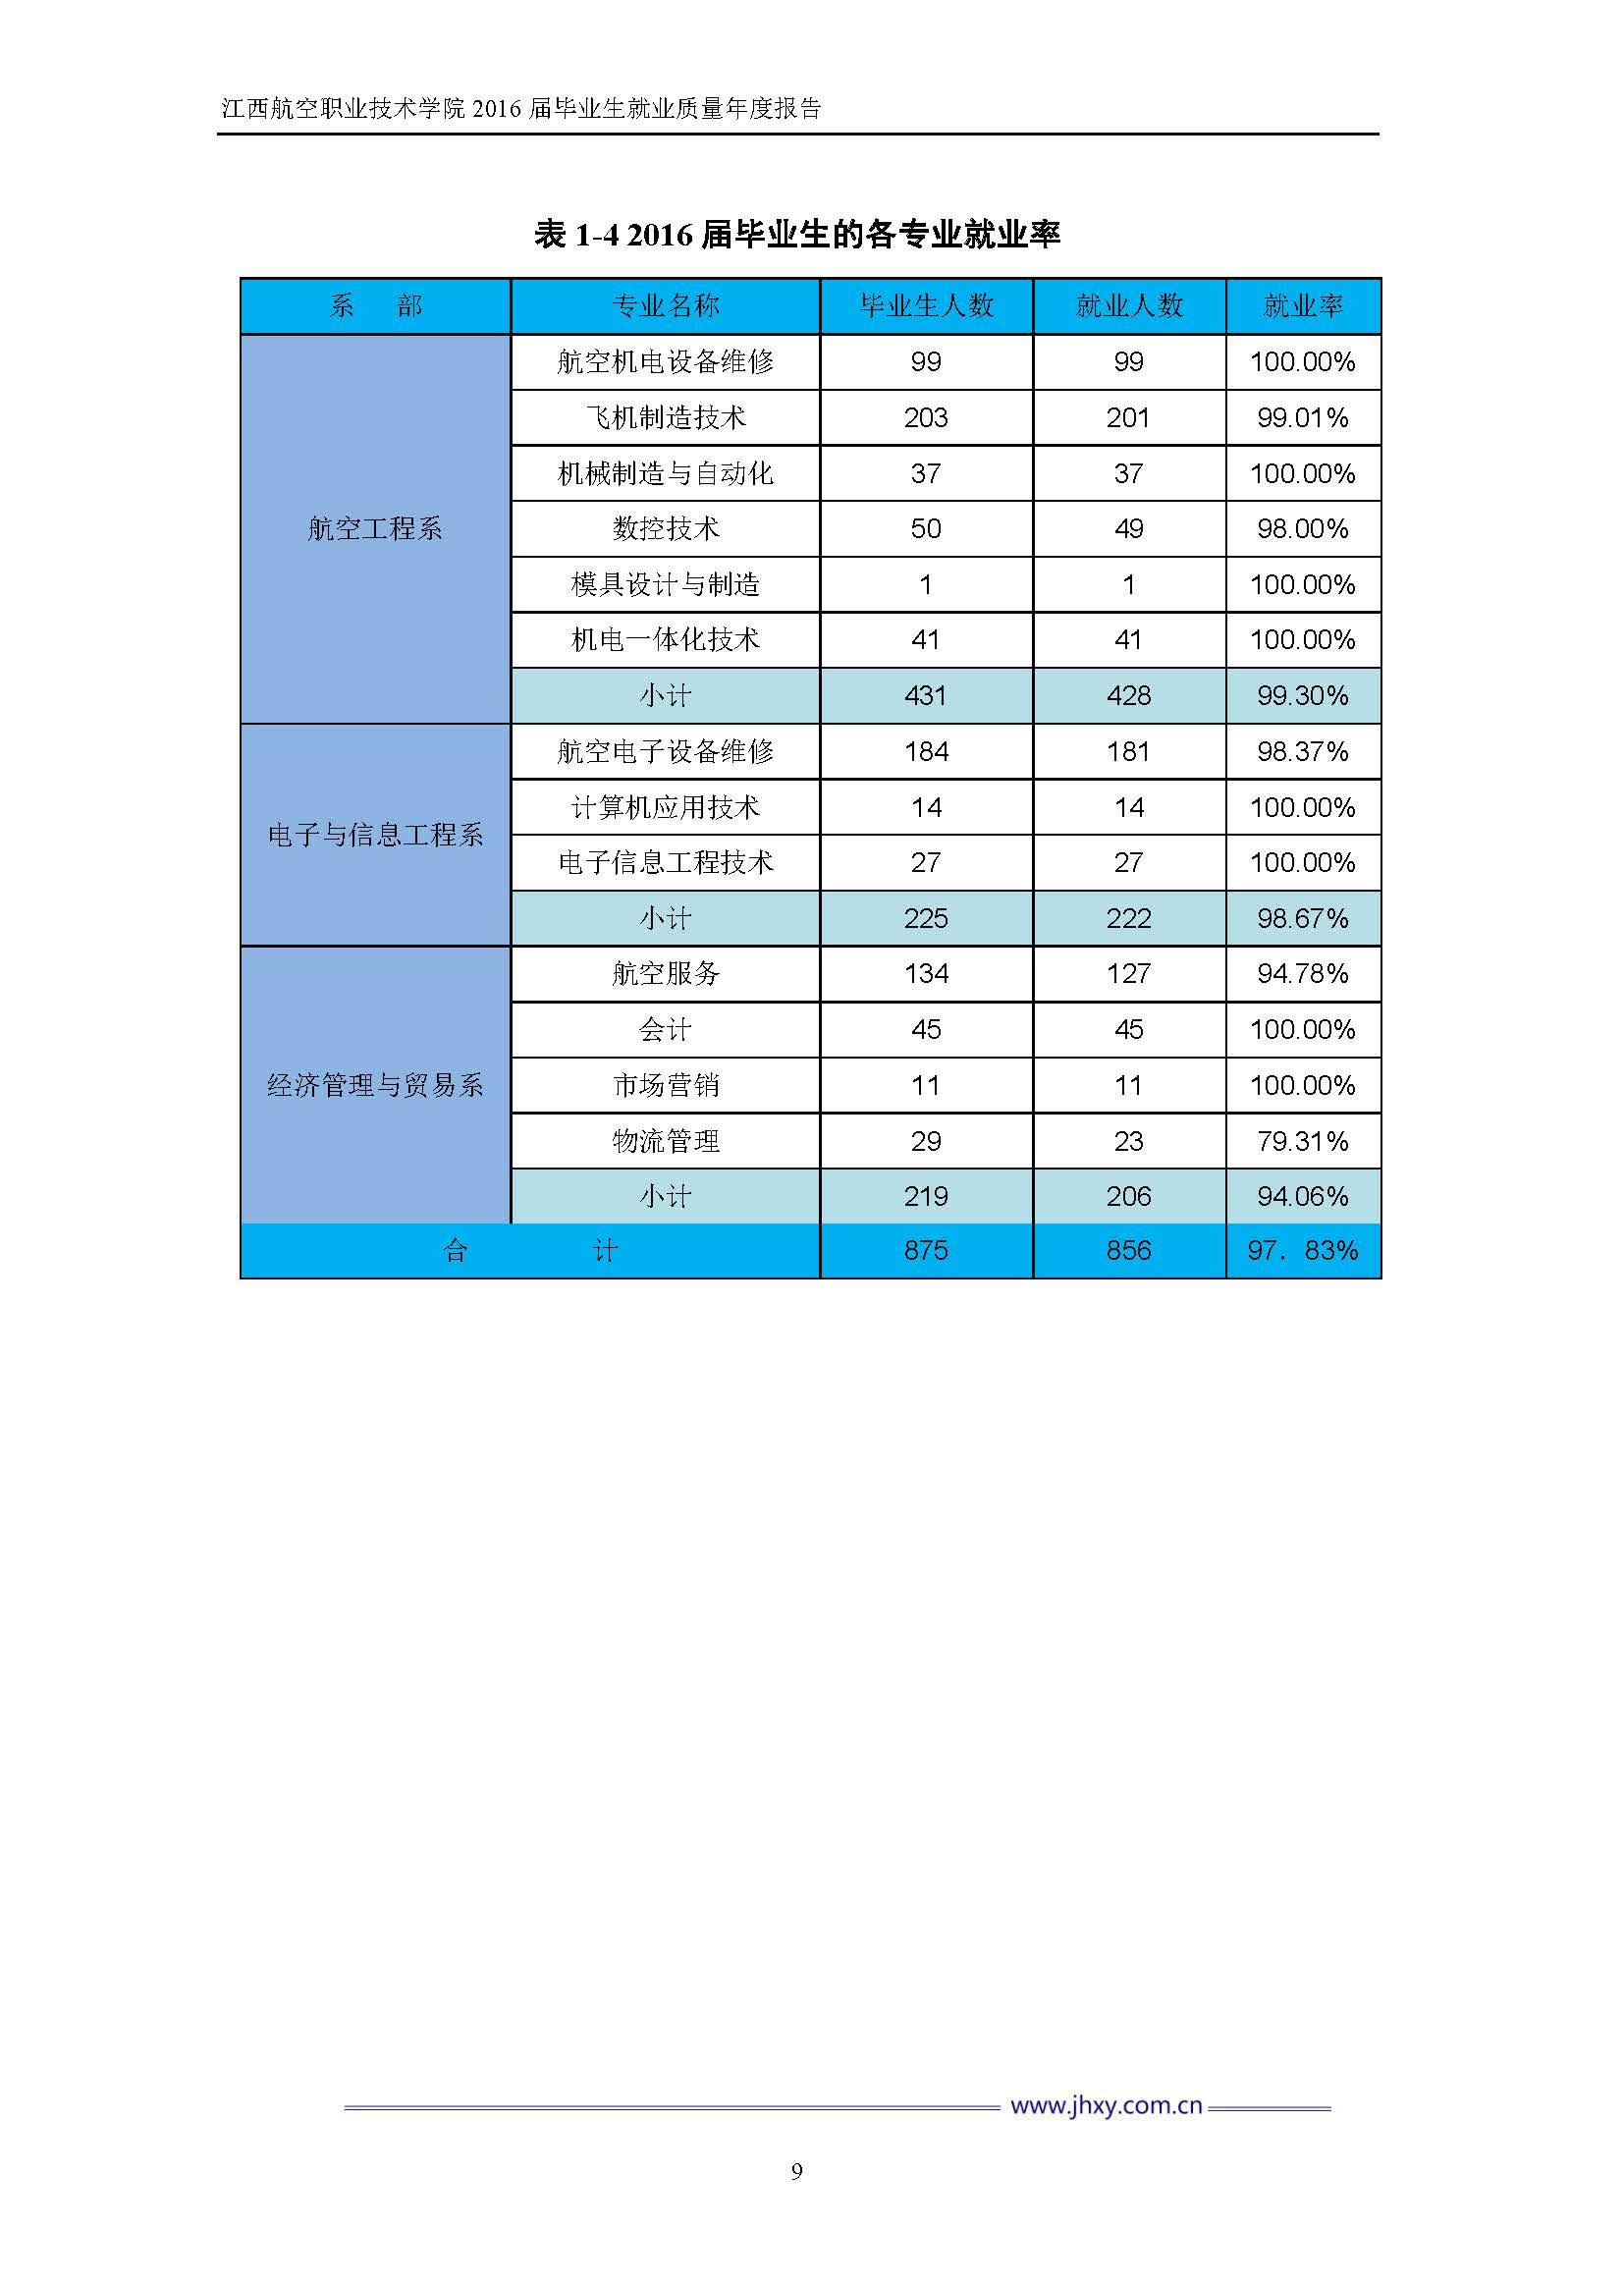 江西航空职业技术学院2016届毕业生就业质量年度报告_Page_16.jpg